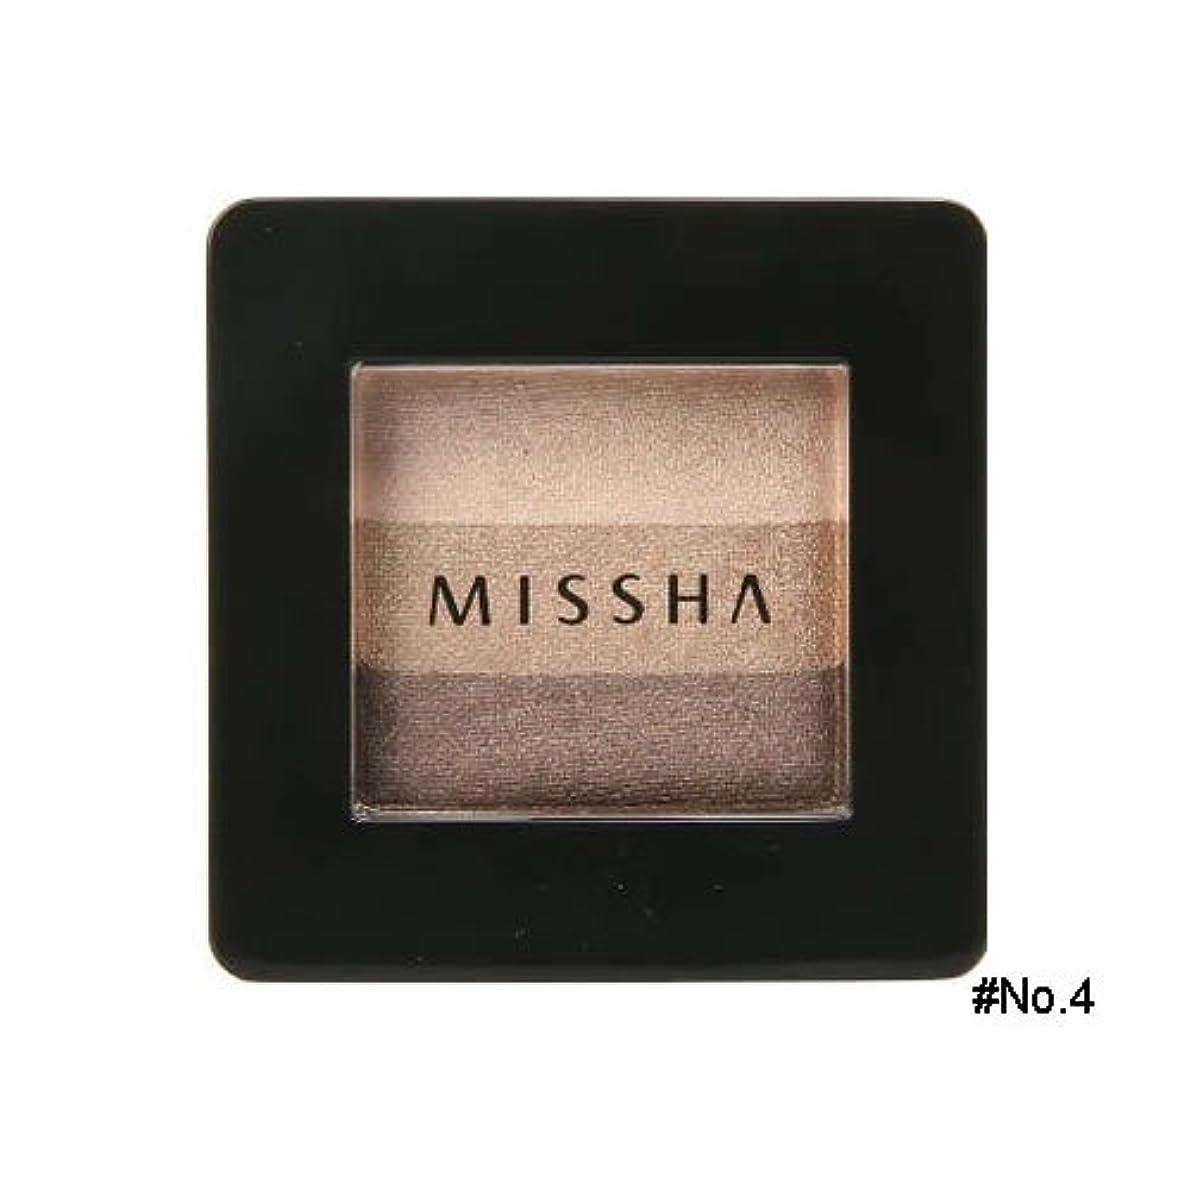 ビットロマンチックに慣れミシャ(MISSHA) トリプルシャドウ 2g No.4(チョコレートブラウン) [並行輸入品]